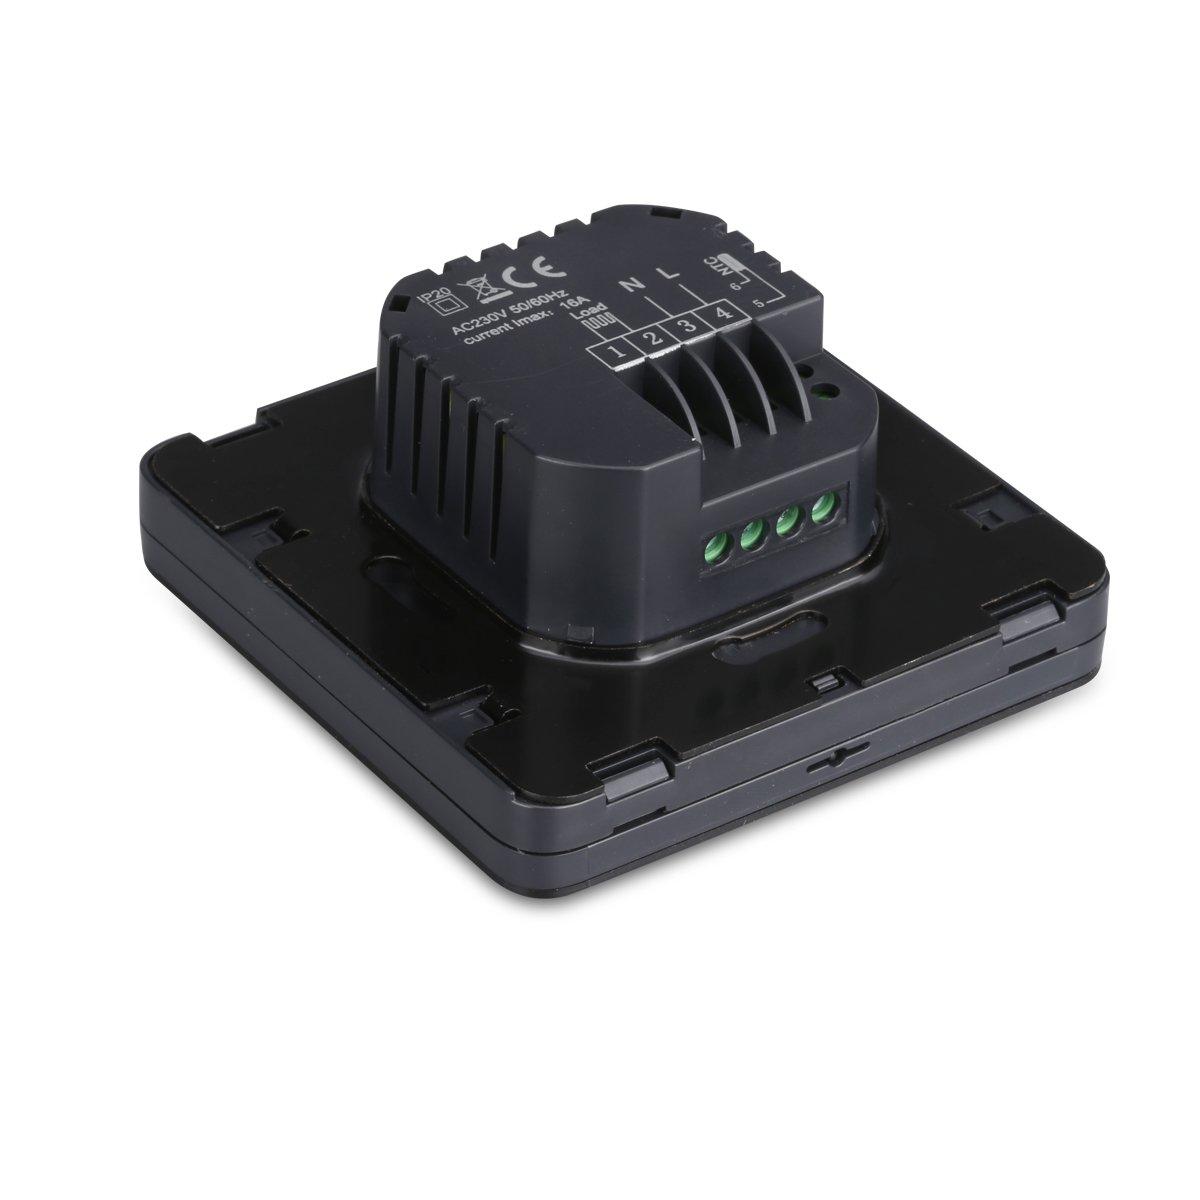 Floureon Digital Raumthermostat Thermostat elektrische Heizung Touchscreen Programmierbare Wandthermostat mit gro/ßen LCD-Display Temperaturregler Fu/ßbodenheizung